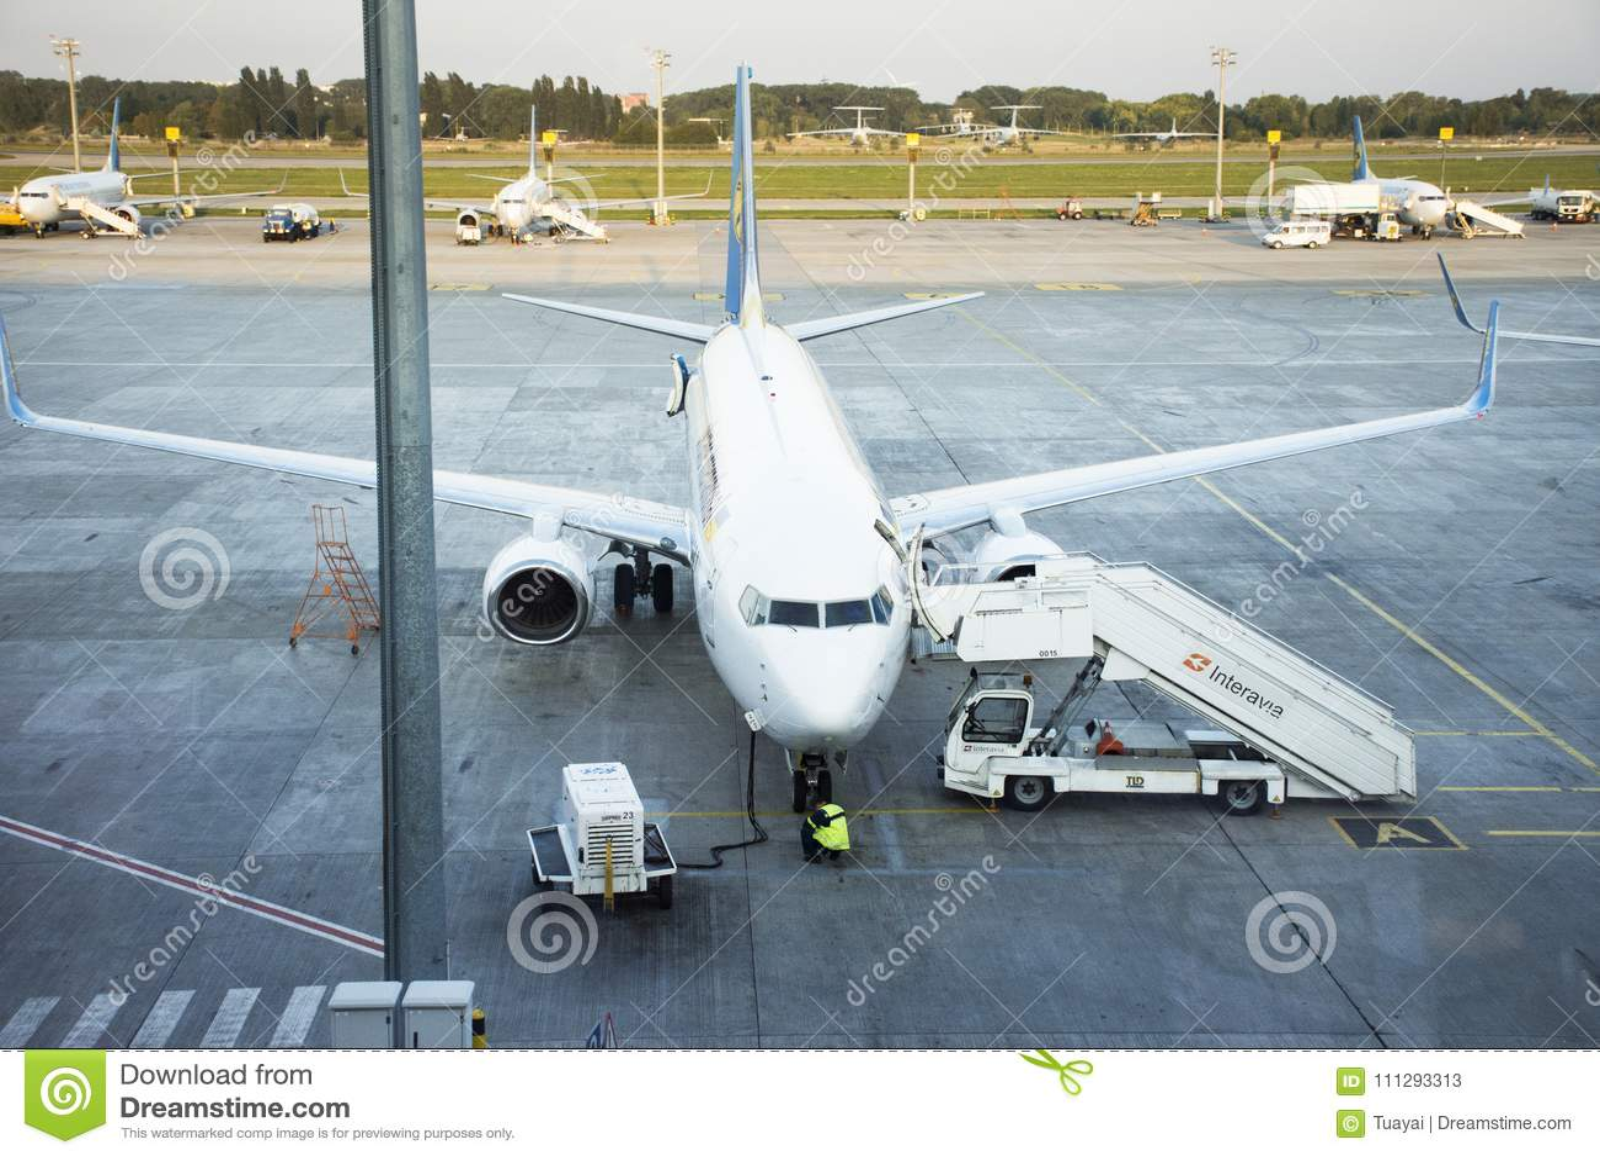 Aeroporto Kiev : Pista de decolagem do aeroporto internacional de kiev boryspil em